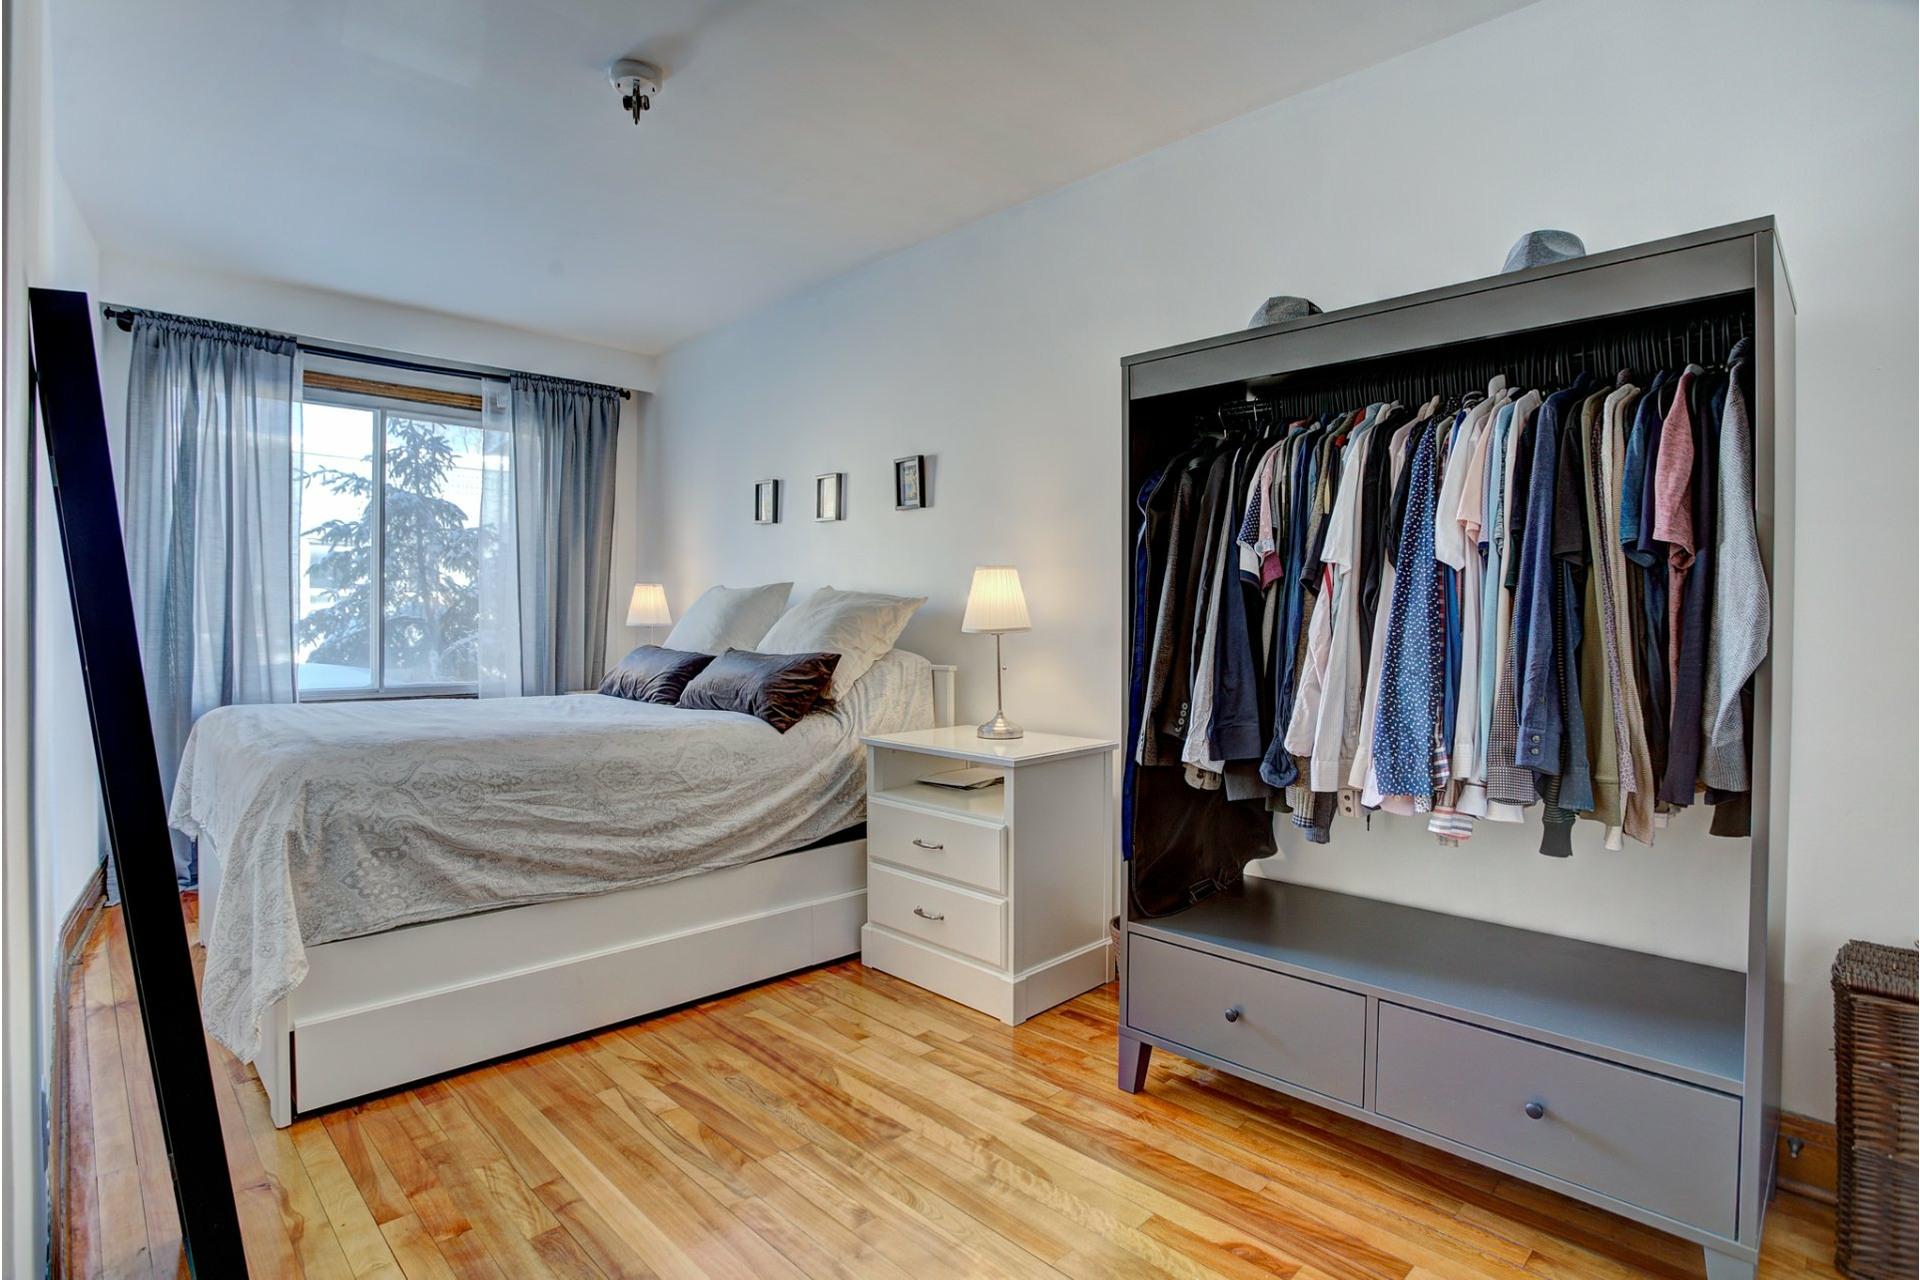 image 7 - Quadruplex À vendre Rosemont/La Petite-Patrie Montréal  - 5 pièces